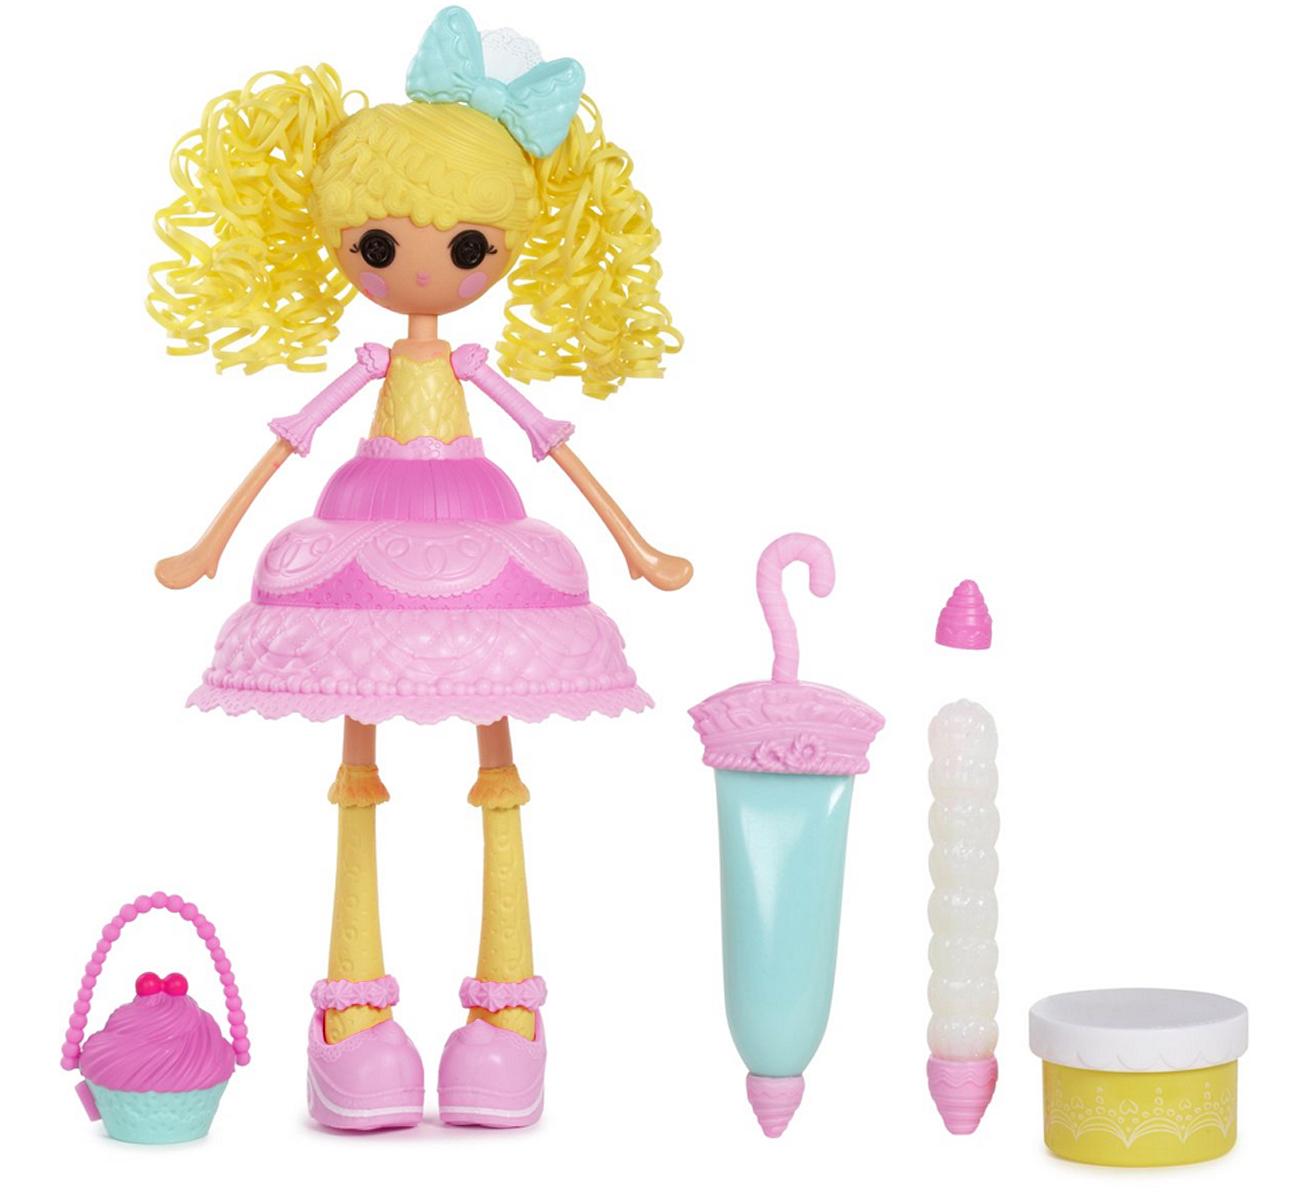 Lalaloopsy Girls Кукла Сладкая фантазия Мастика536345Кукла Lalaloopsy Girls Сладкая фантазия: Мастика - это очаровательная куколка с глазами-пуговками, румяными щечками, милой улыбкой и ярко-желтыми волосами из резиночек. Куколка одета в розовое платье со съемной двухчастной юбкой. В комплект также входят сумочка для куклы с формочкой, баночка с массой для лепки и 2 шприца с мягкой полимерной массой и клеем с блестками, которые позволят вашей малышке украсить наряд куклы по своему вкусу. Входящий в комплект сменный наконечник предоставит широкий простор для творчества. Ручки и ножки куклы подвижны, а голова вращается на 360°. Благодаря играм с куклой, ваша малышка сможет развить фантазию и любознательность, овладеть навыками общения и научиться ответственности. Девочка сможет часами играть с этой милой куколкой, придумывая различные истории.